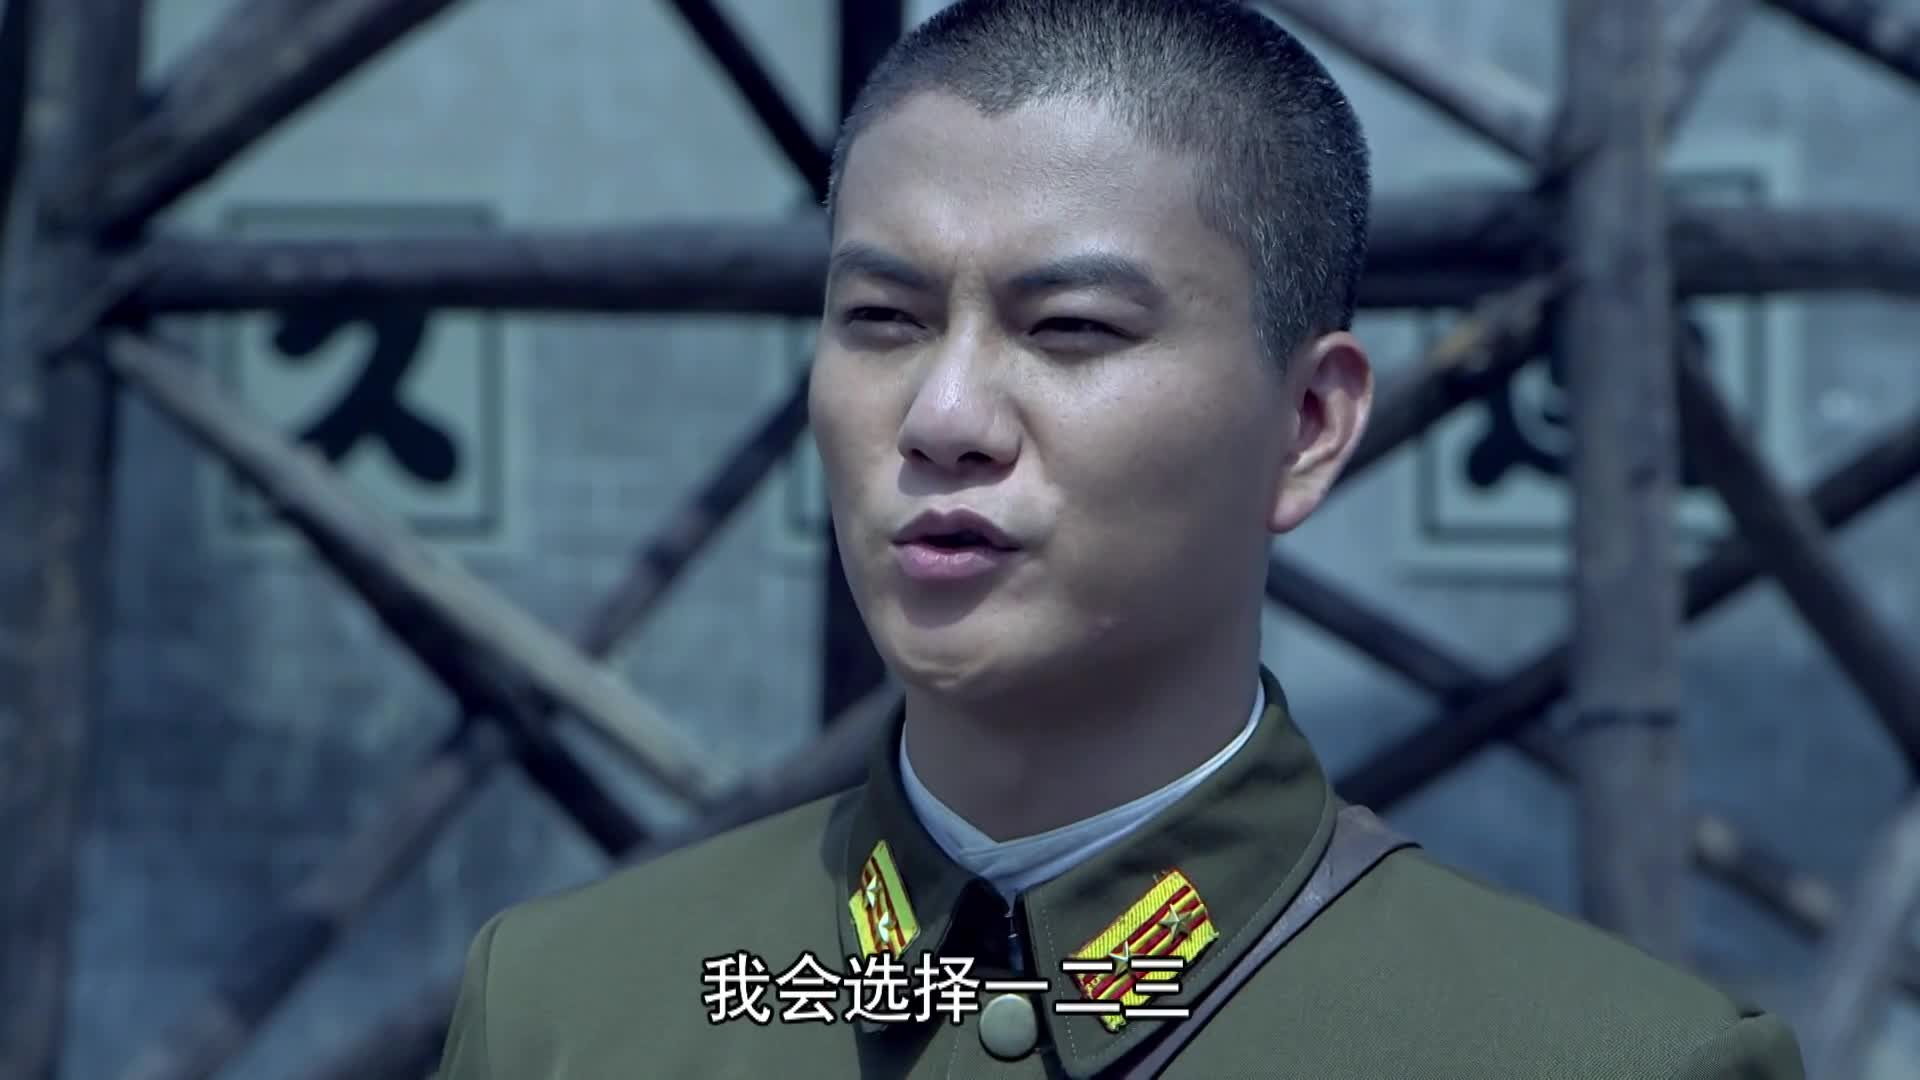 知道为什么要安排一二三分队去执行任务,因为他们三个中队中文说的最好